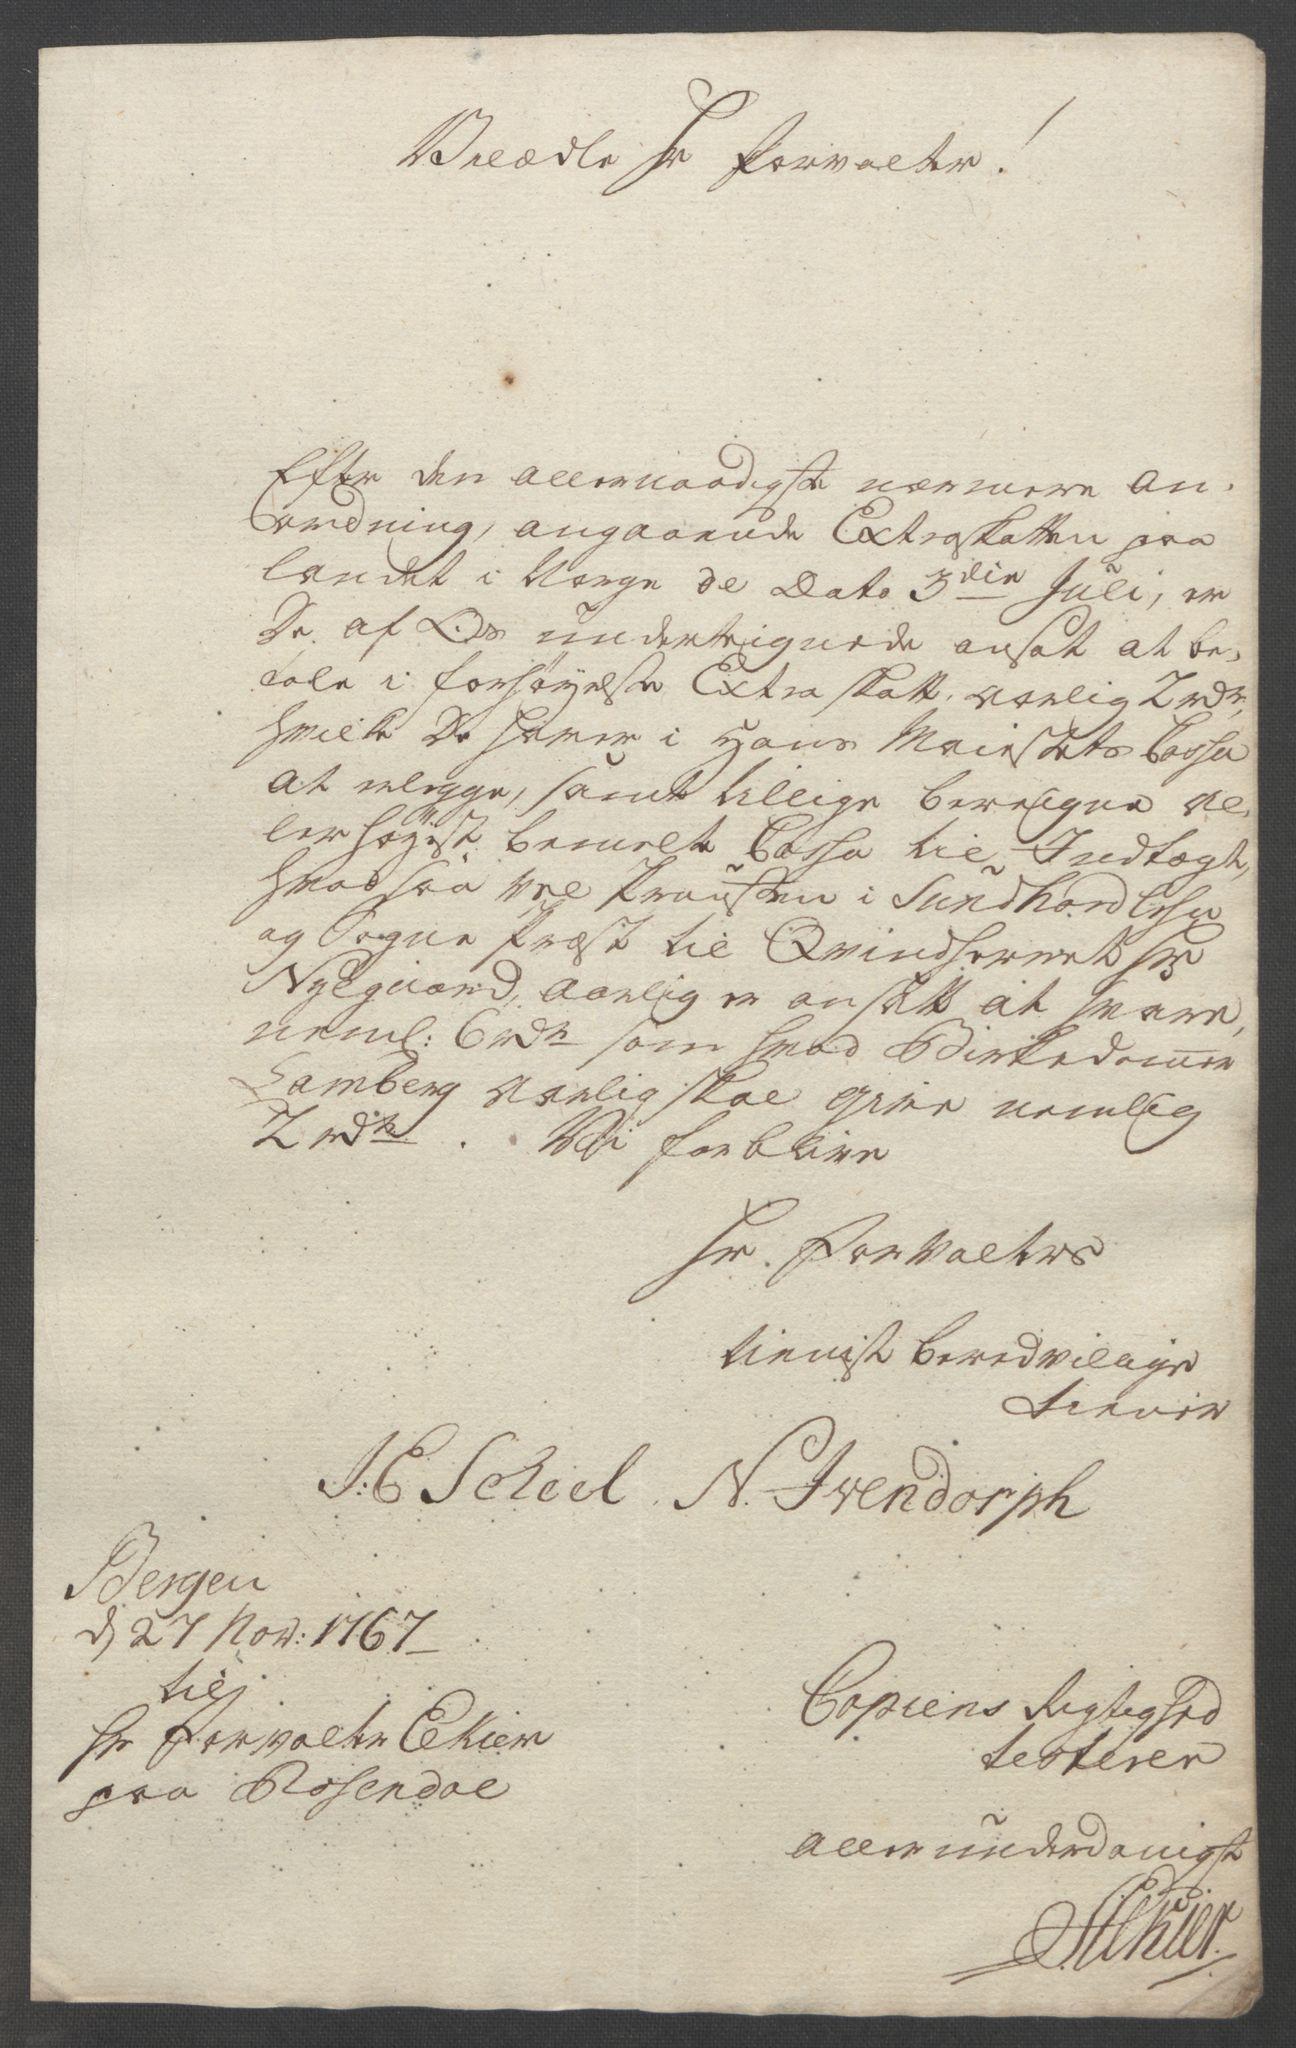 RA, Rentekammeret inntil 1814, Reviderte regnskaper, Fogderegnskap, R49/L3157: Ekstraskatten Rosendal Baroni, 1762-1772, s. 230